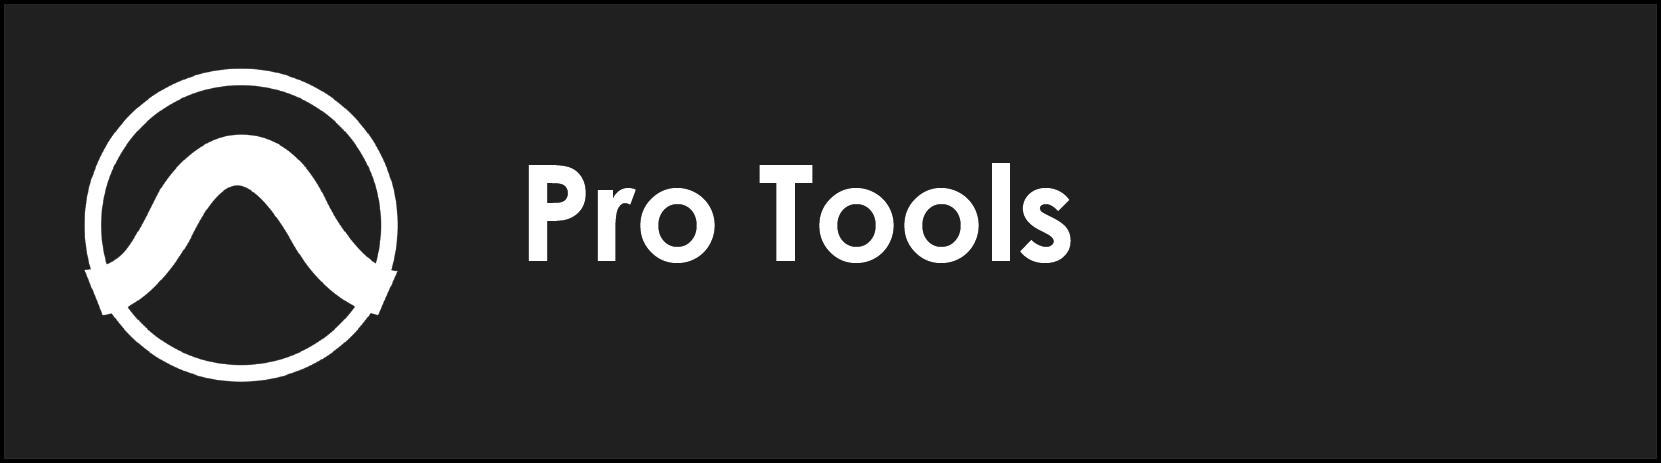 Pro Tools.png